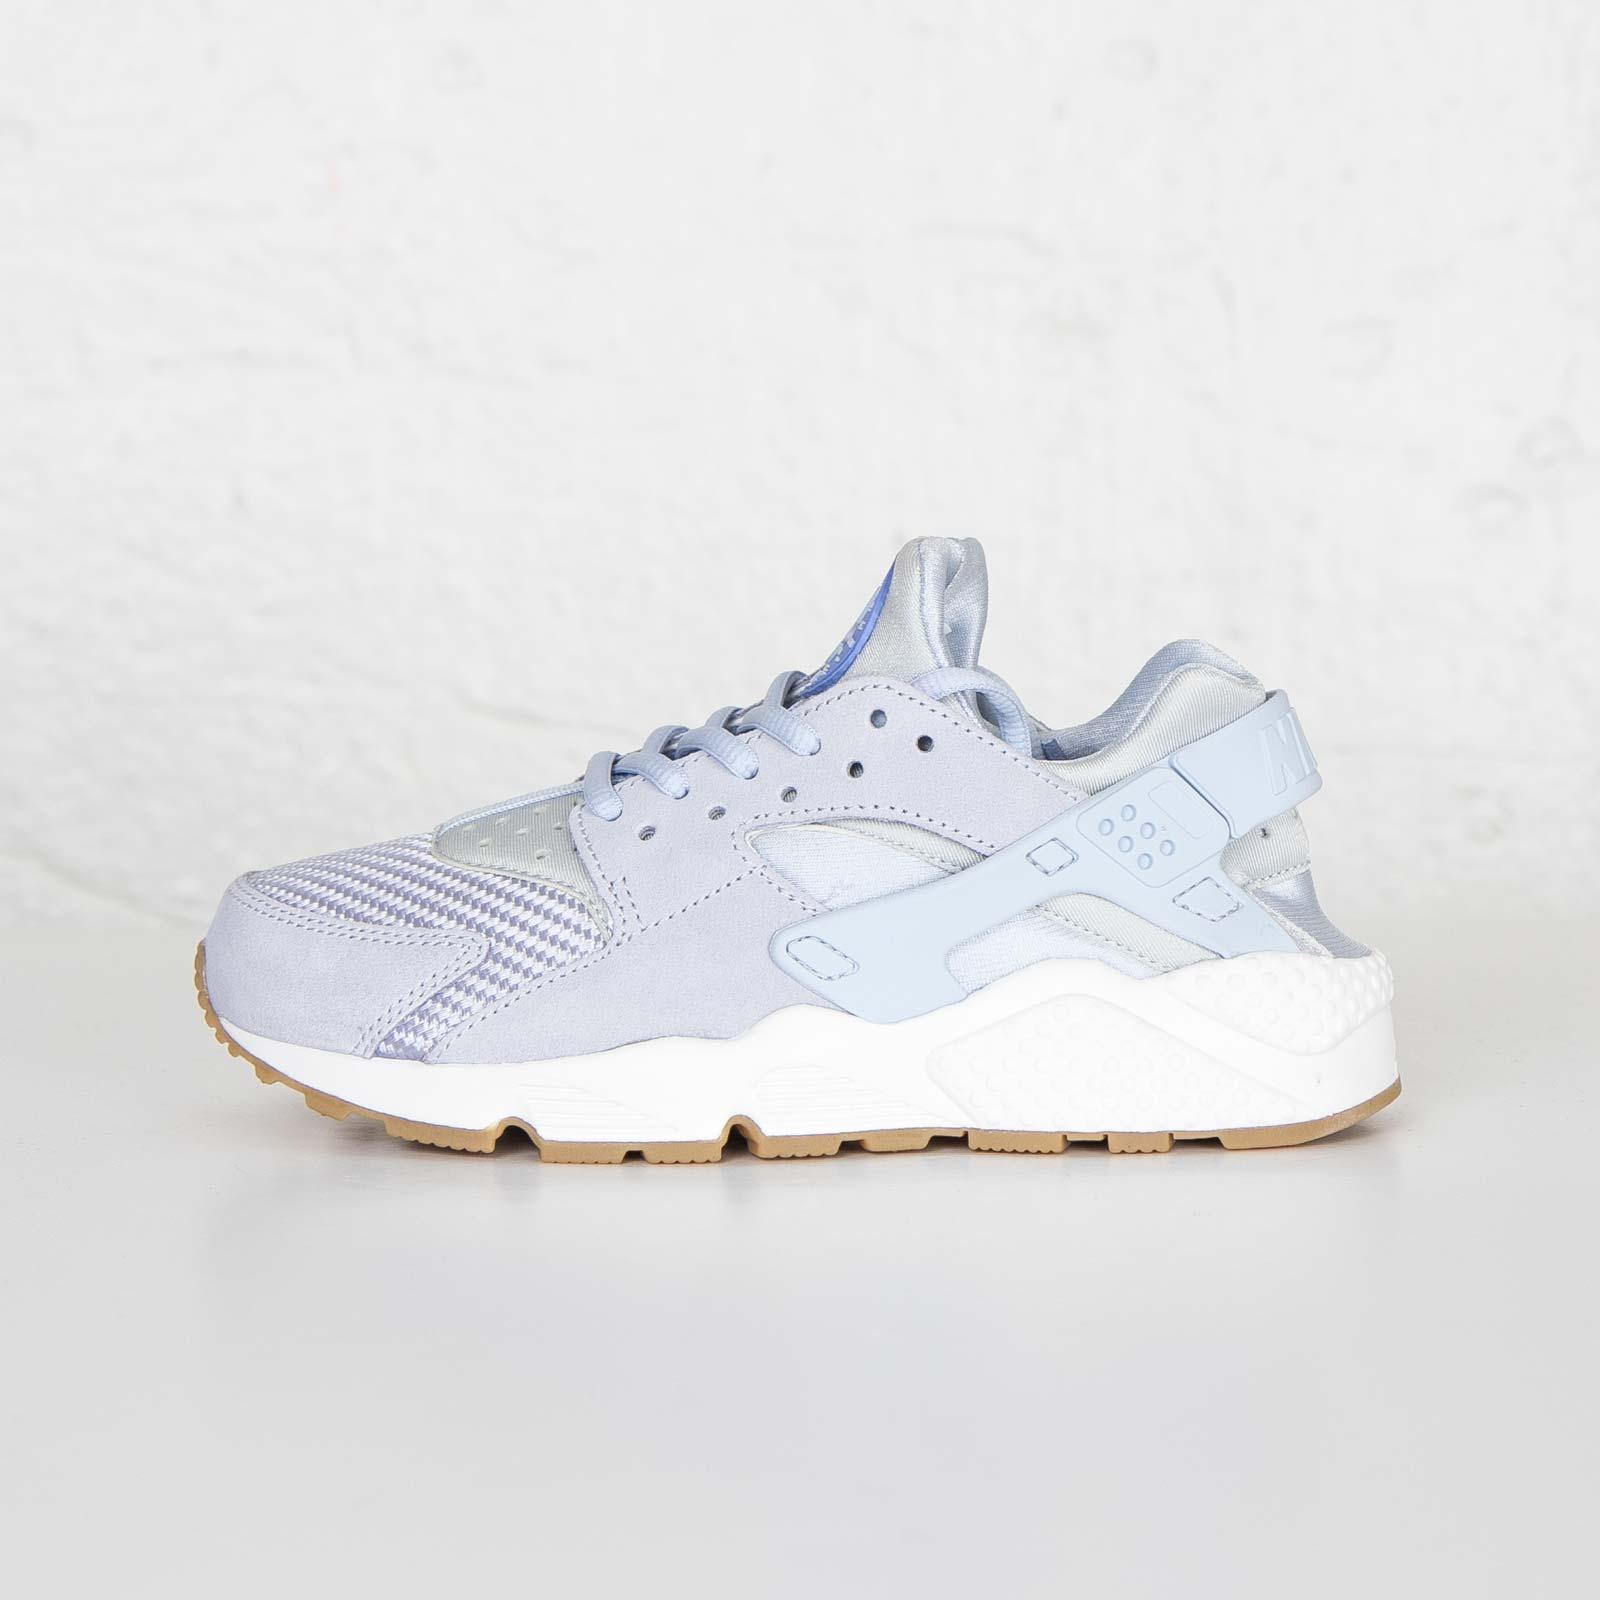 f647f9ef5b7c Nike W Air Huarache Run TXT - 818597-400 - Sneakersnstuff